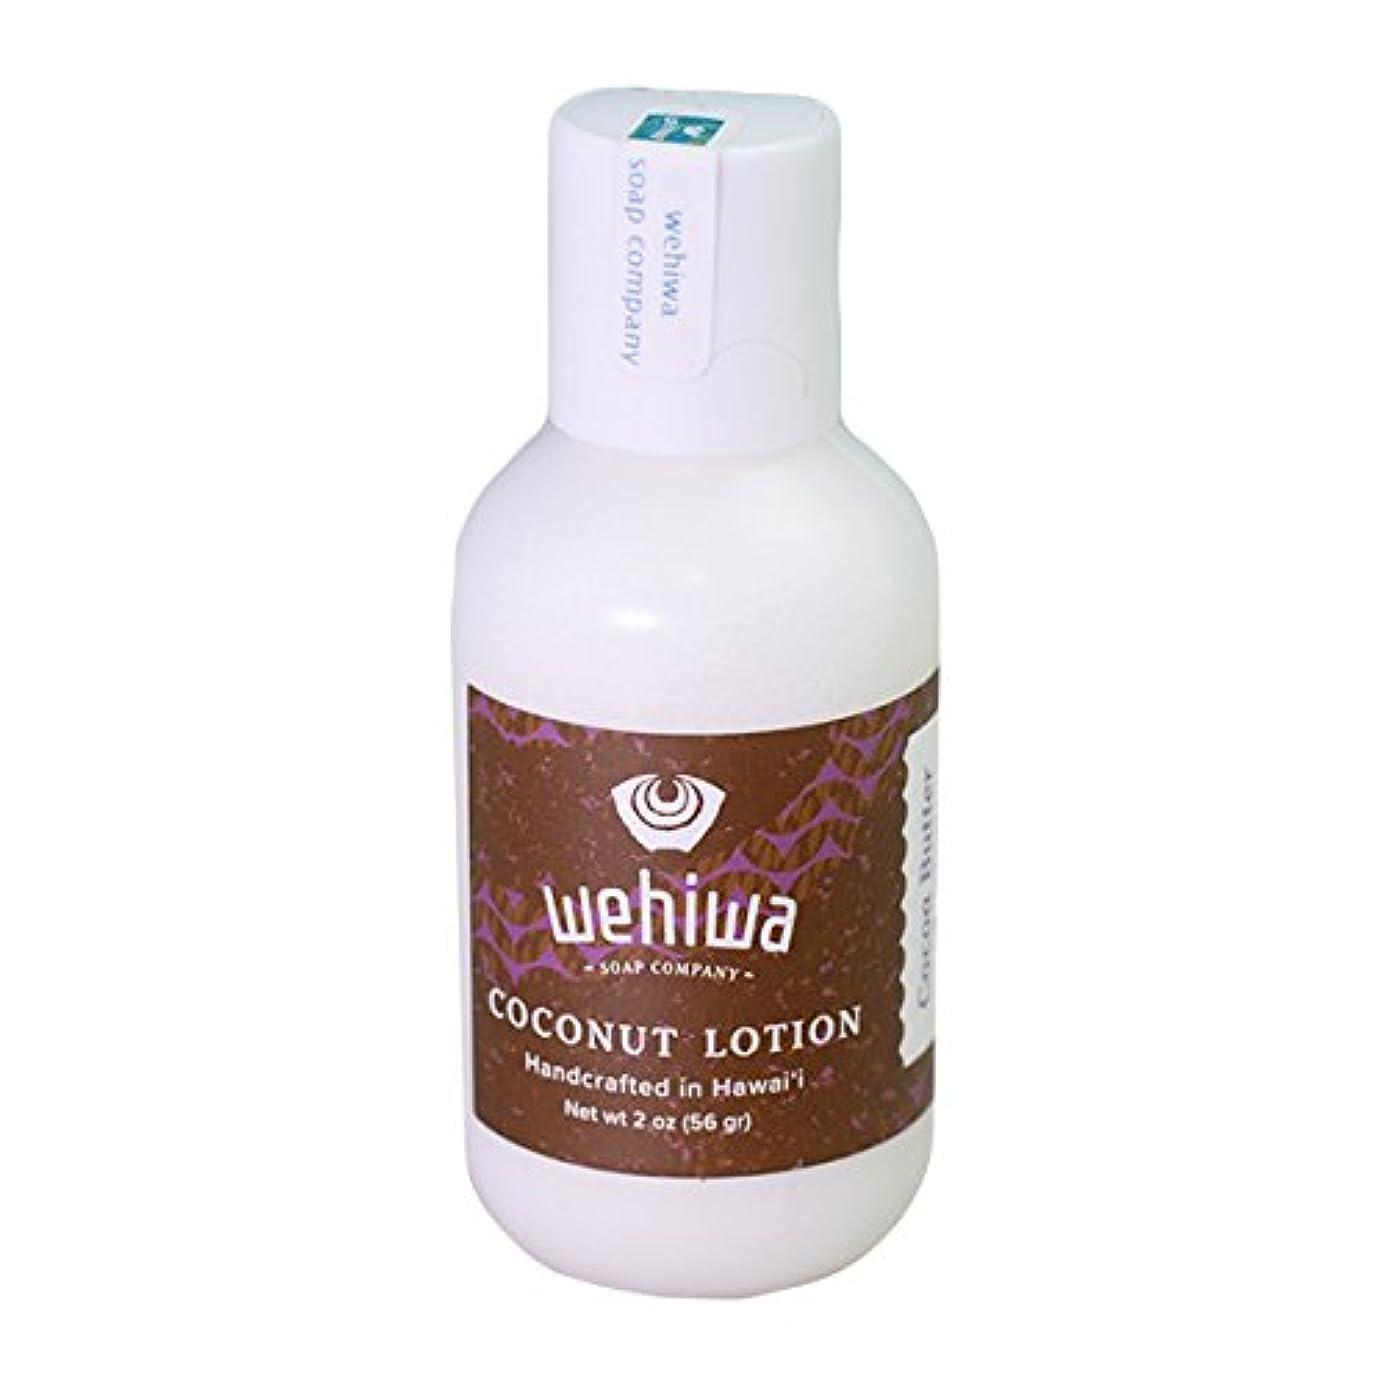 連続した達成可能であるWehiwa ヴェヒヴァ Cocoa Butter Lotion ココアバターローション ココナッツ